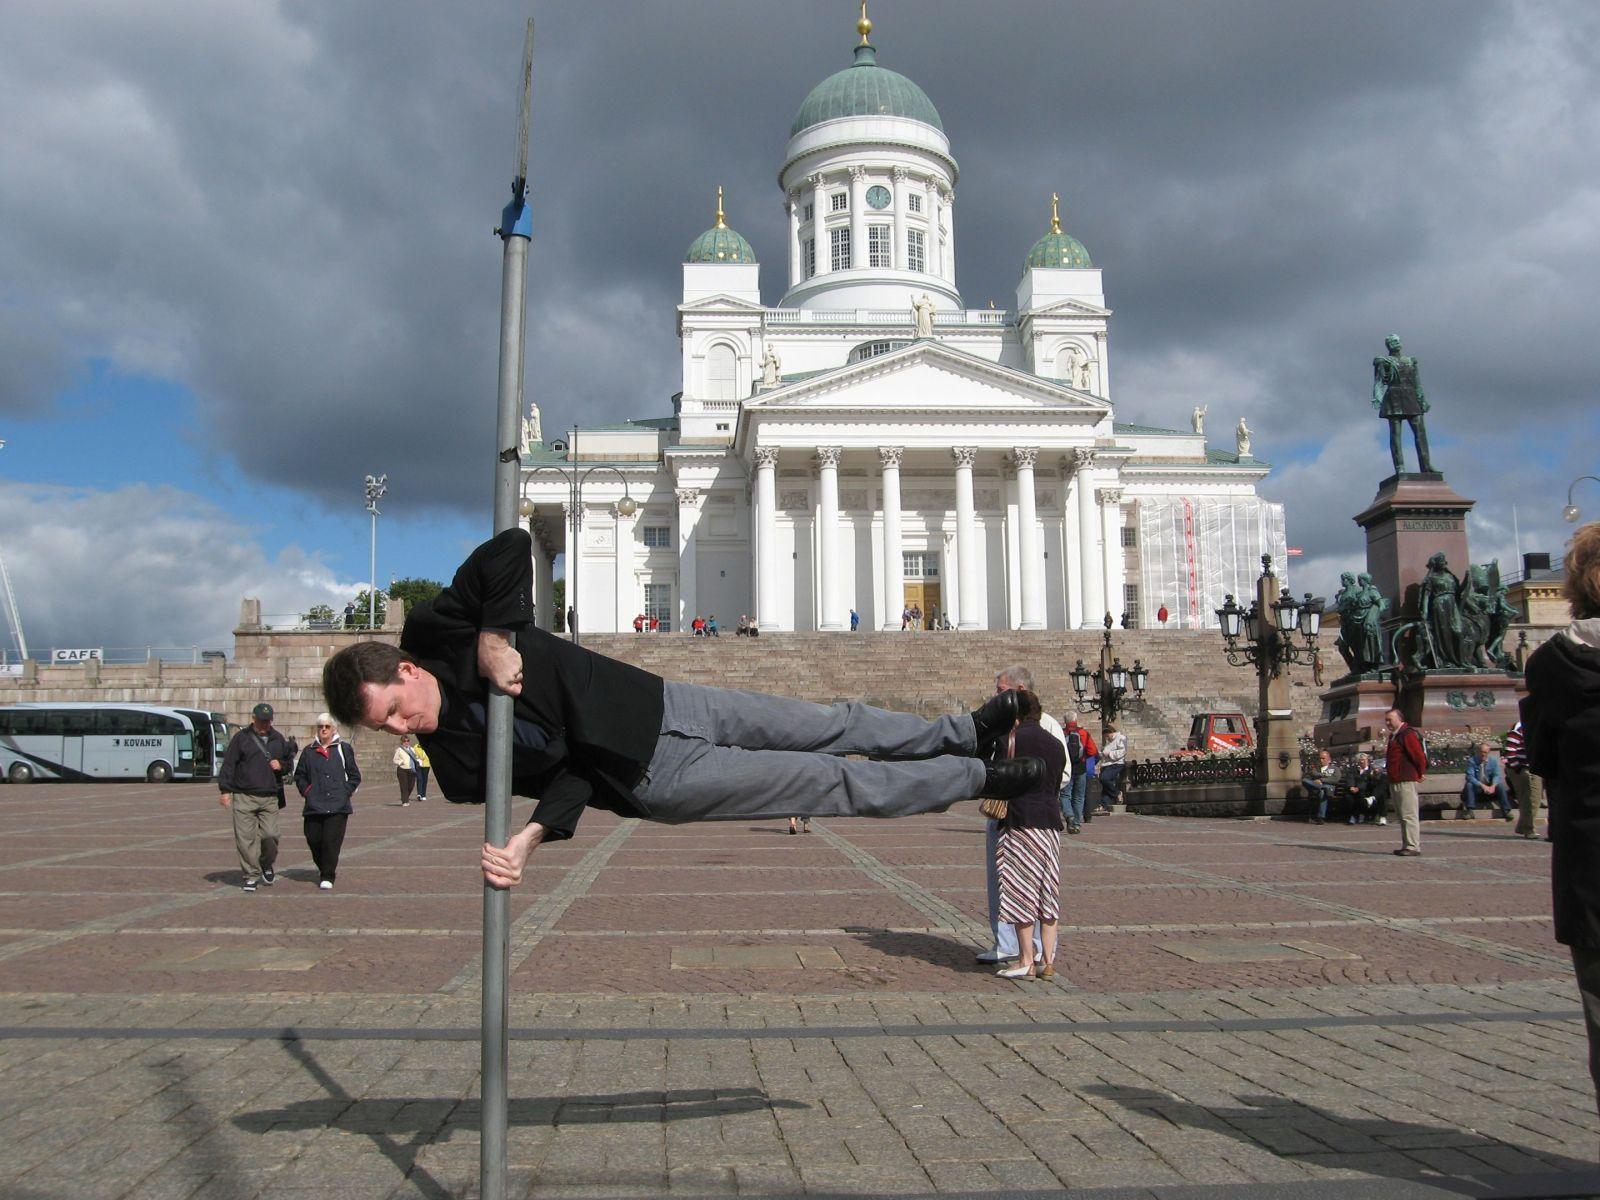 Helsinki - Senate Square-2